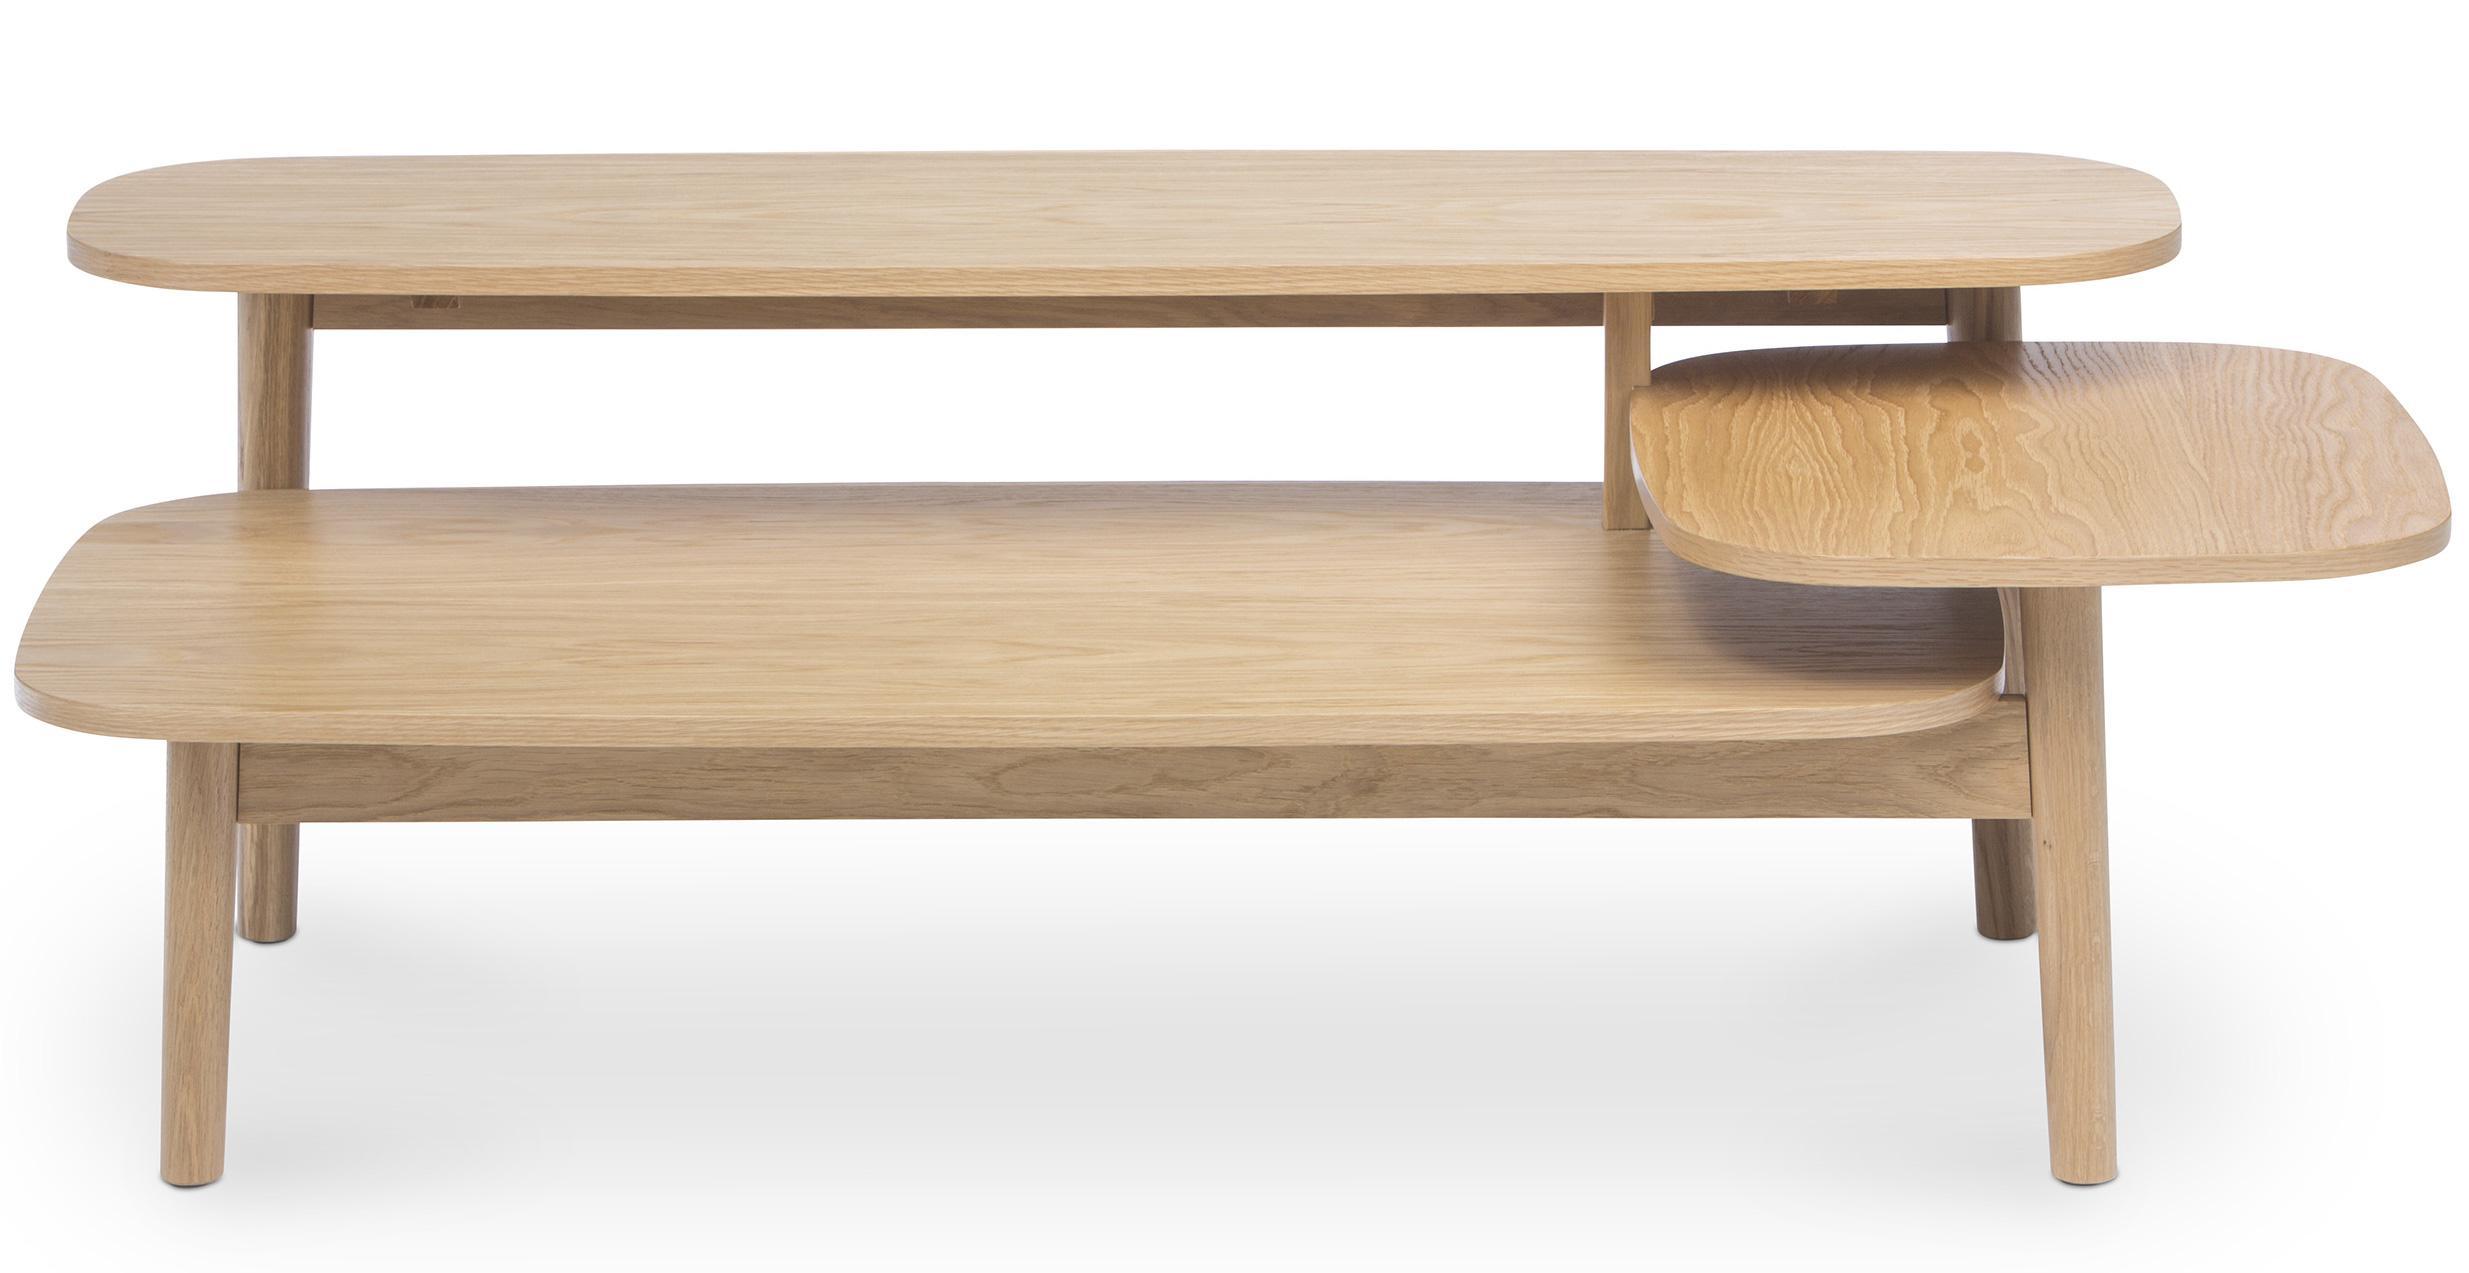 table basse 3 niveaux scandinave bois naturel kine. Black Bedroom Furniture Sets. Home Design Ideas